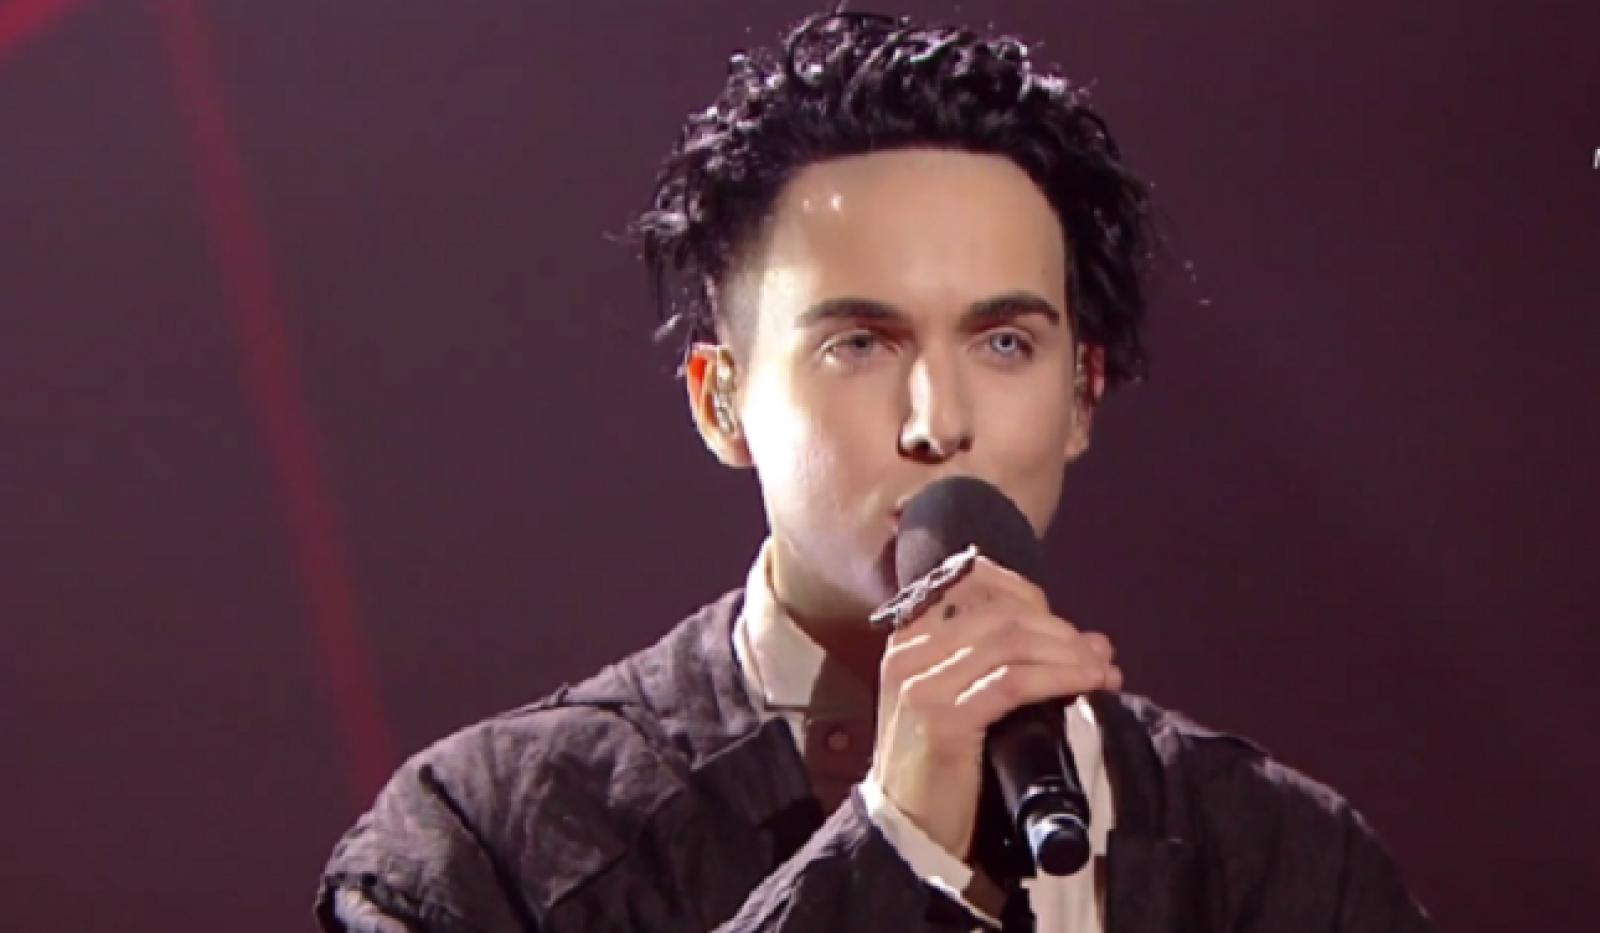 (video) Ucraina și-a ales reprezentantul la Eurovision: Interpretul Melovin este și câștigător X Factor